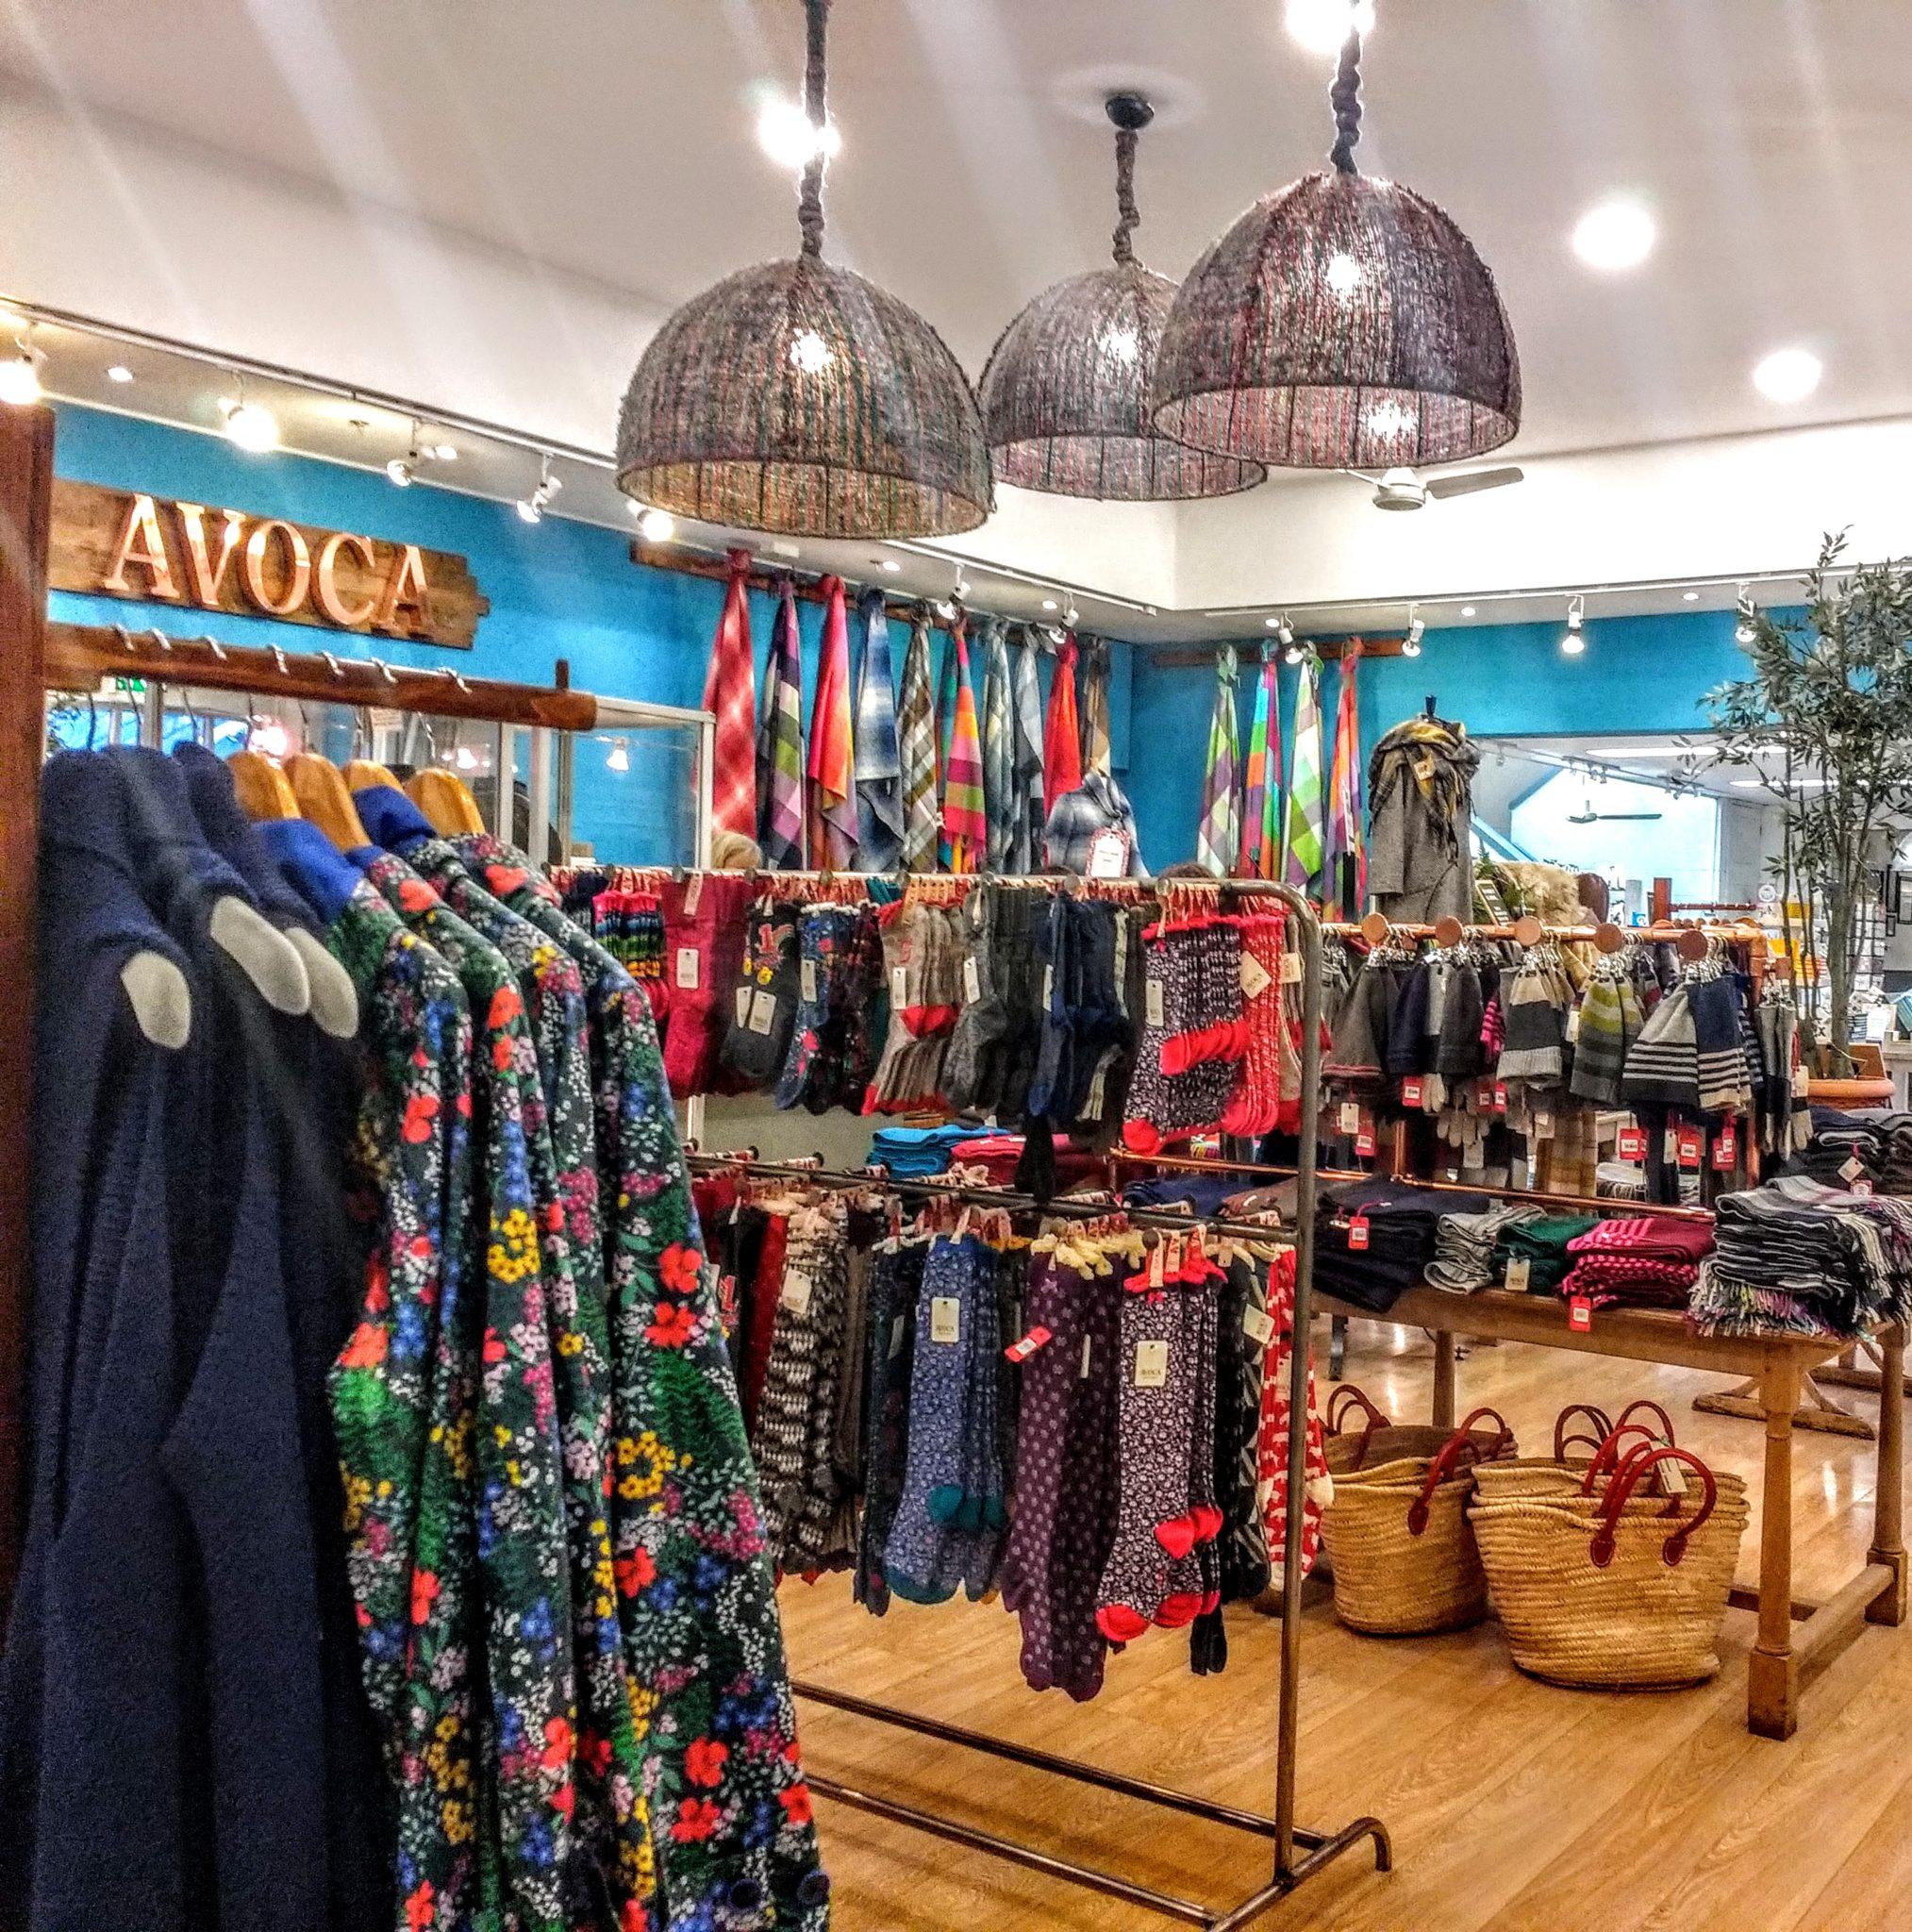 Avoca Mill Store merchandise